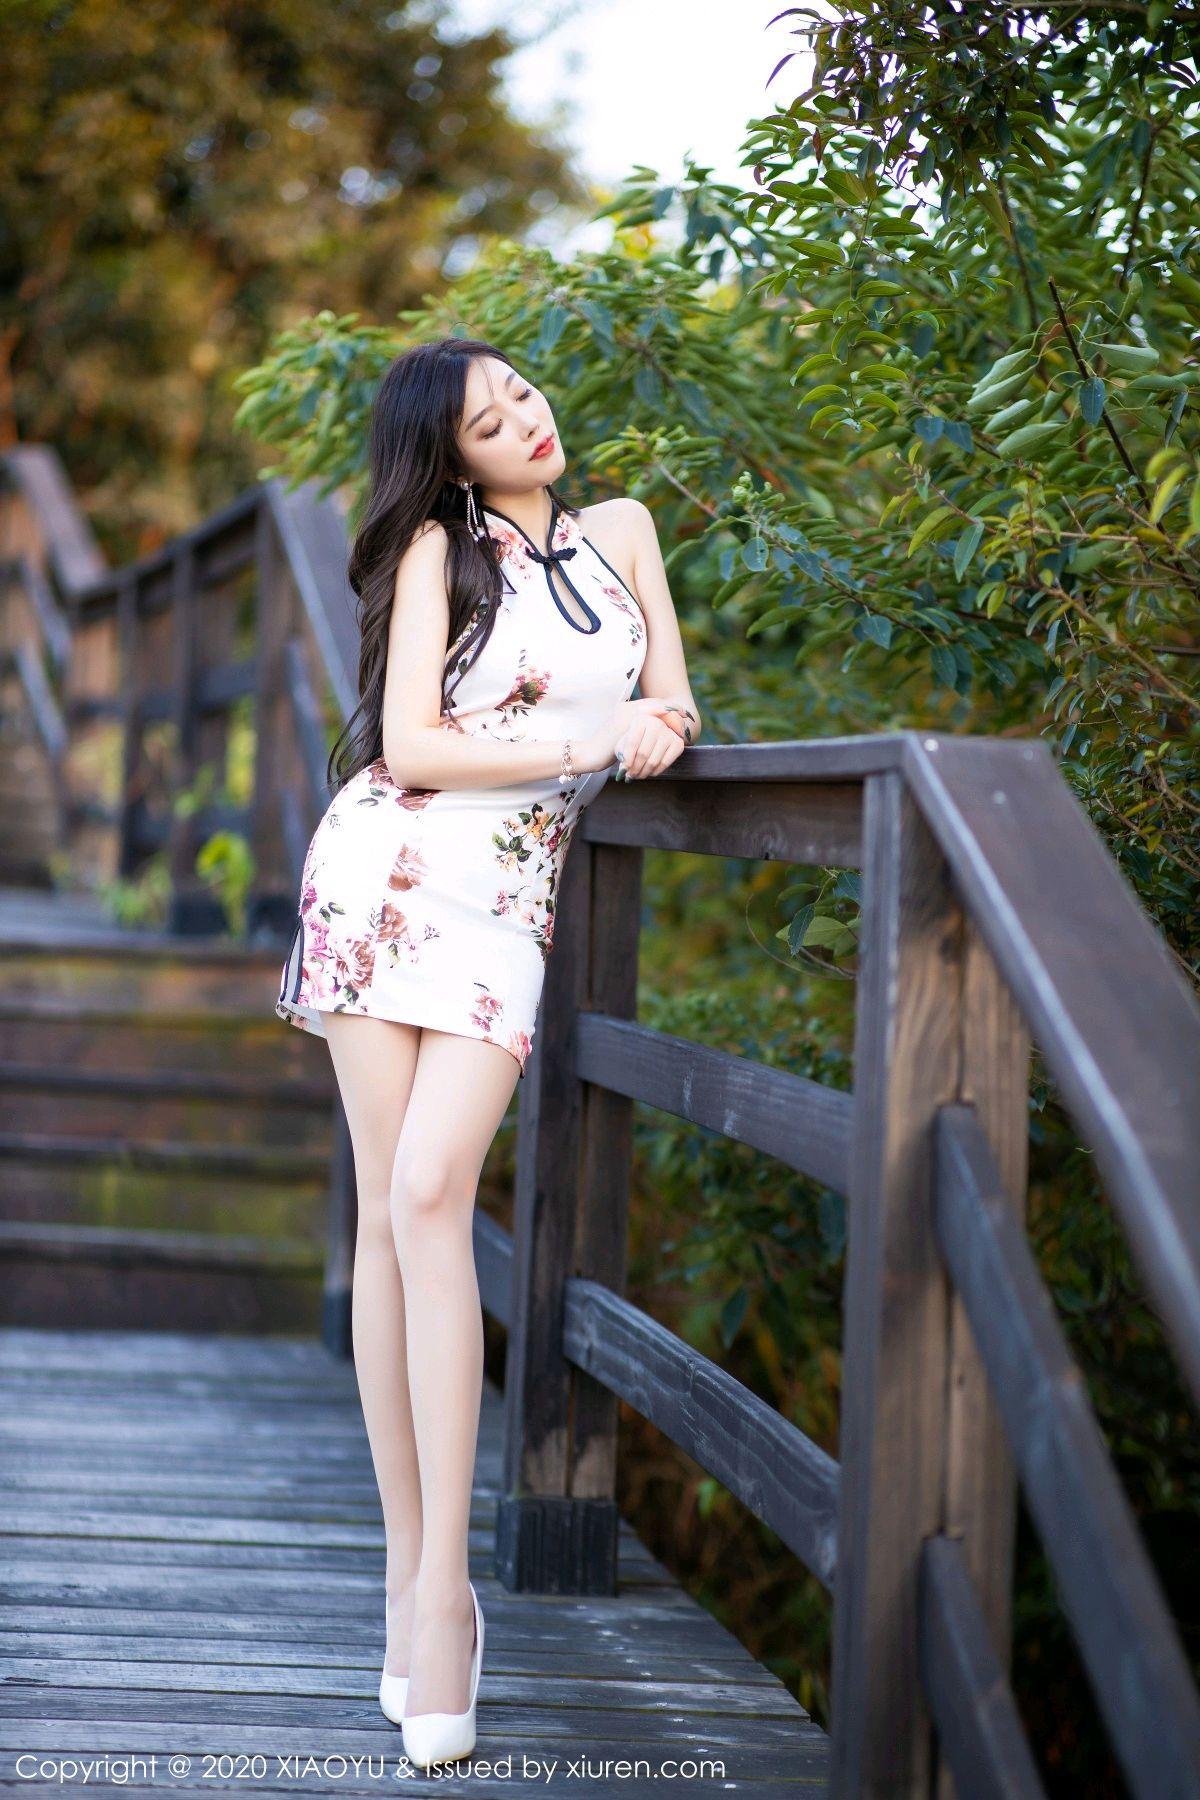 [XiaoYu] Vol.233 Yang Chen Chen 64P, Cheongsam, Foot, XiaoYu, Yang Chen Chen